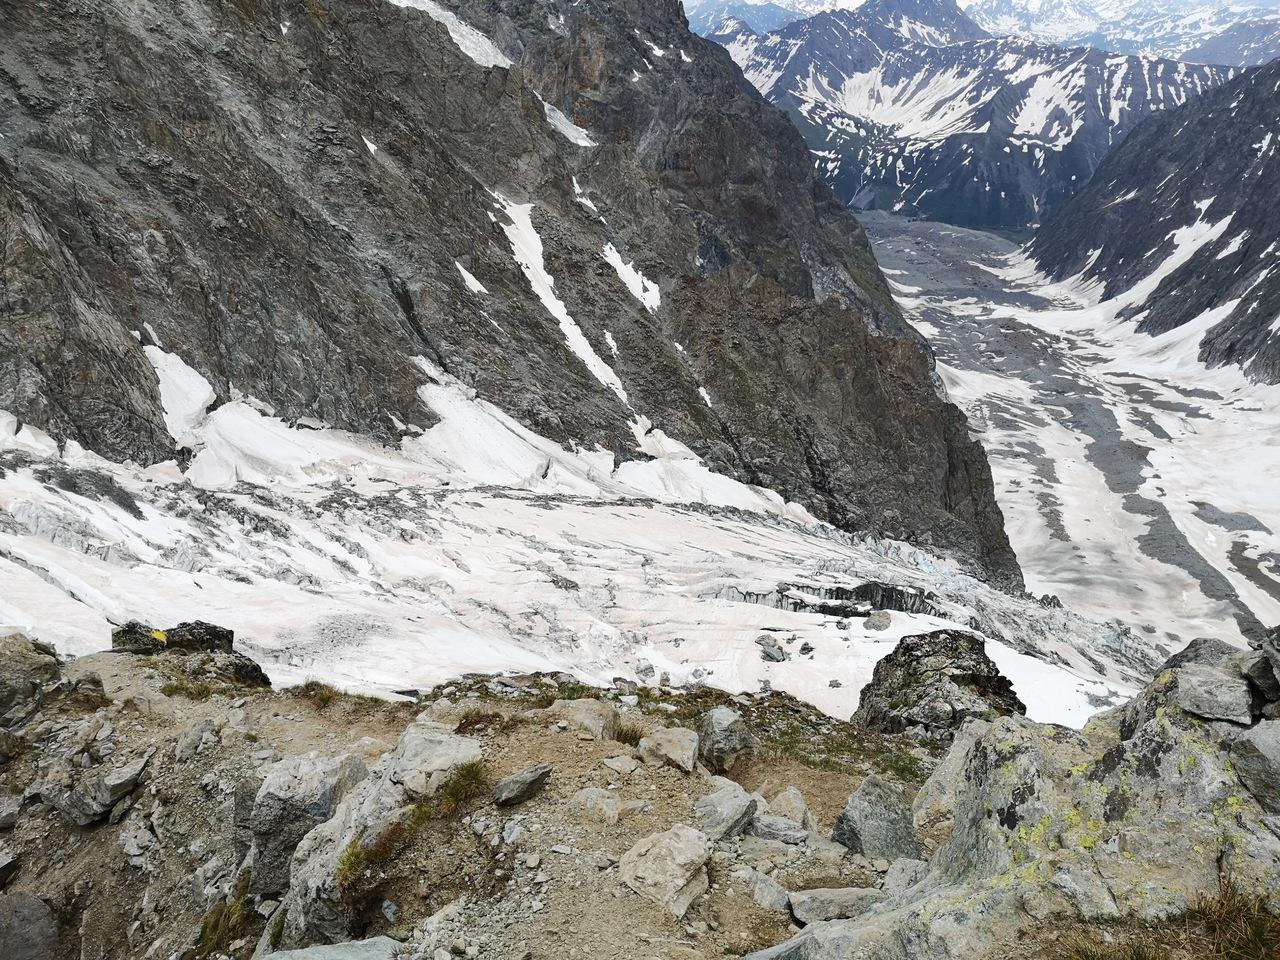 na drugim planie lodowiec Miage, zaś na pierwszym górny lodowiec